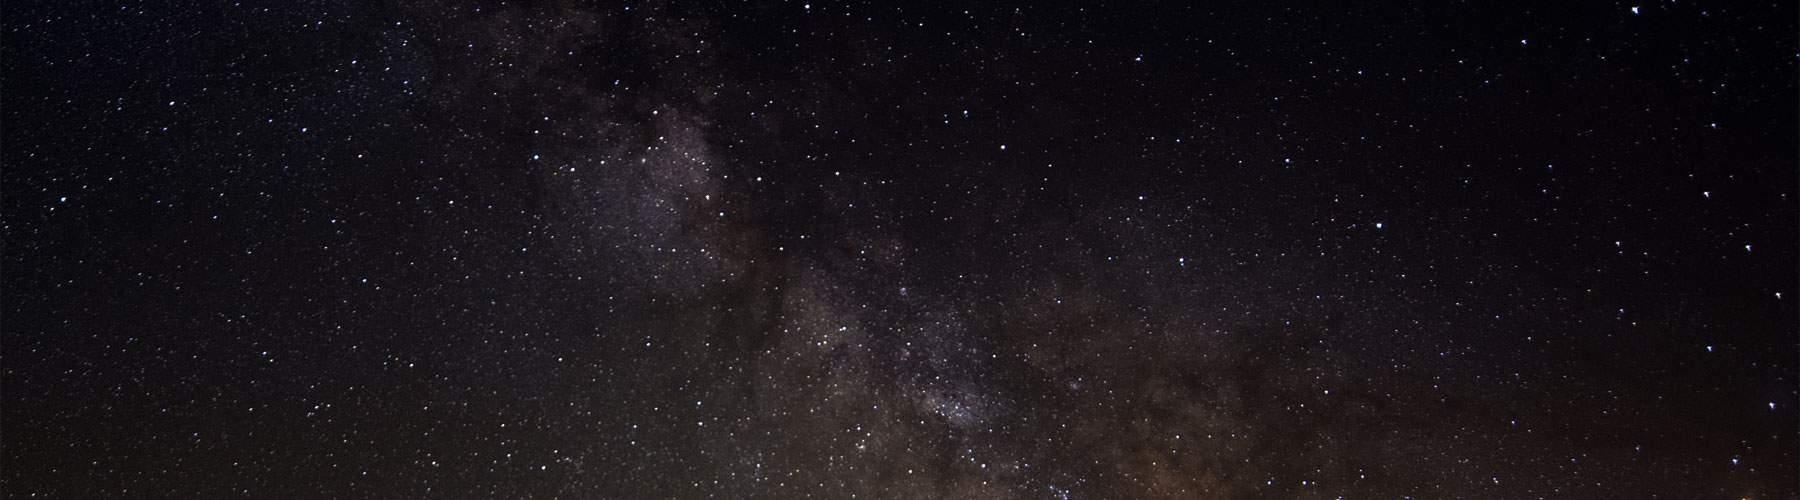 stars5_bkg1